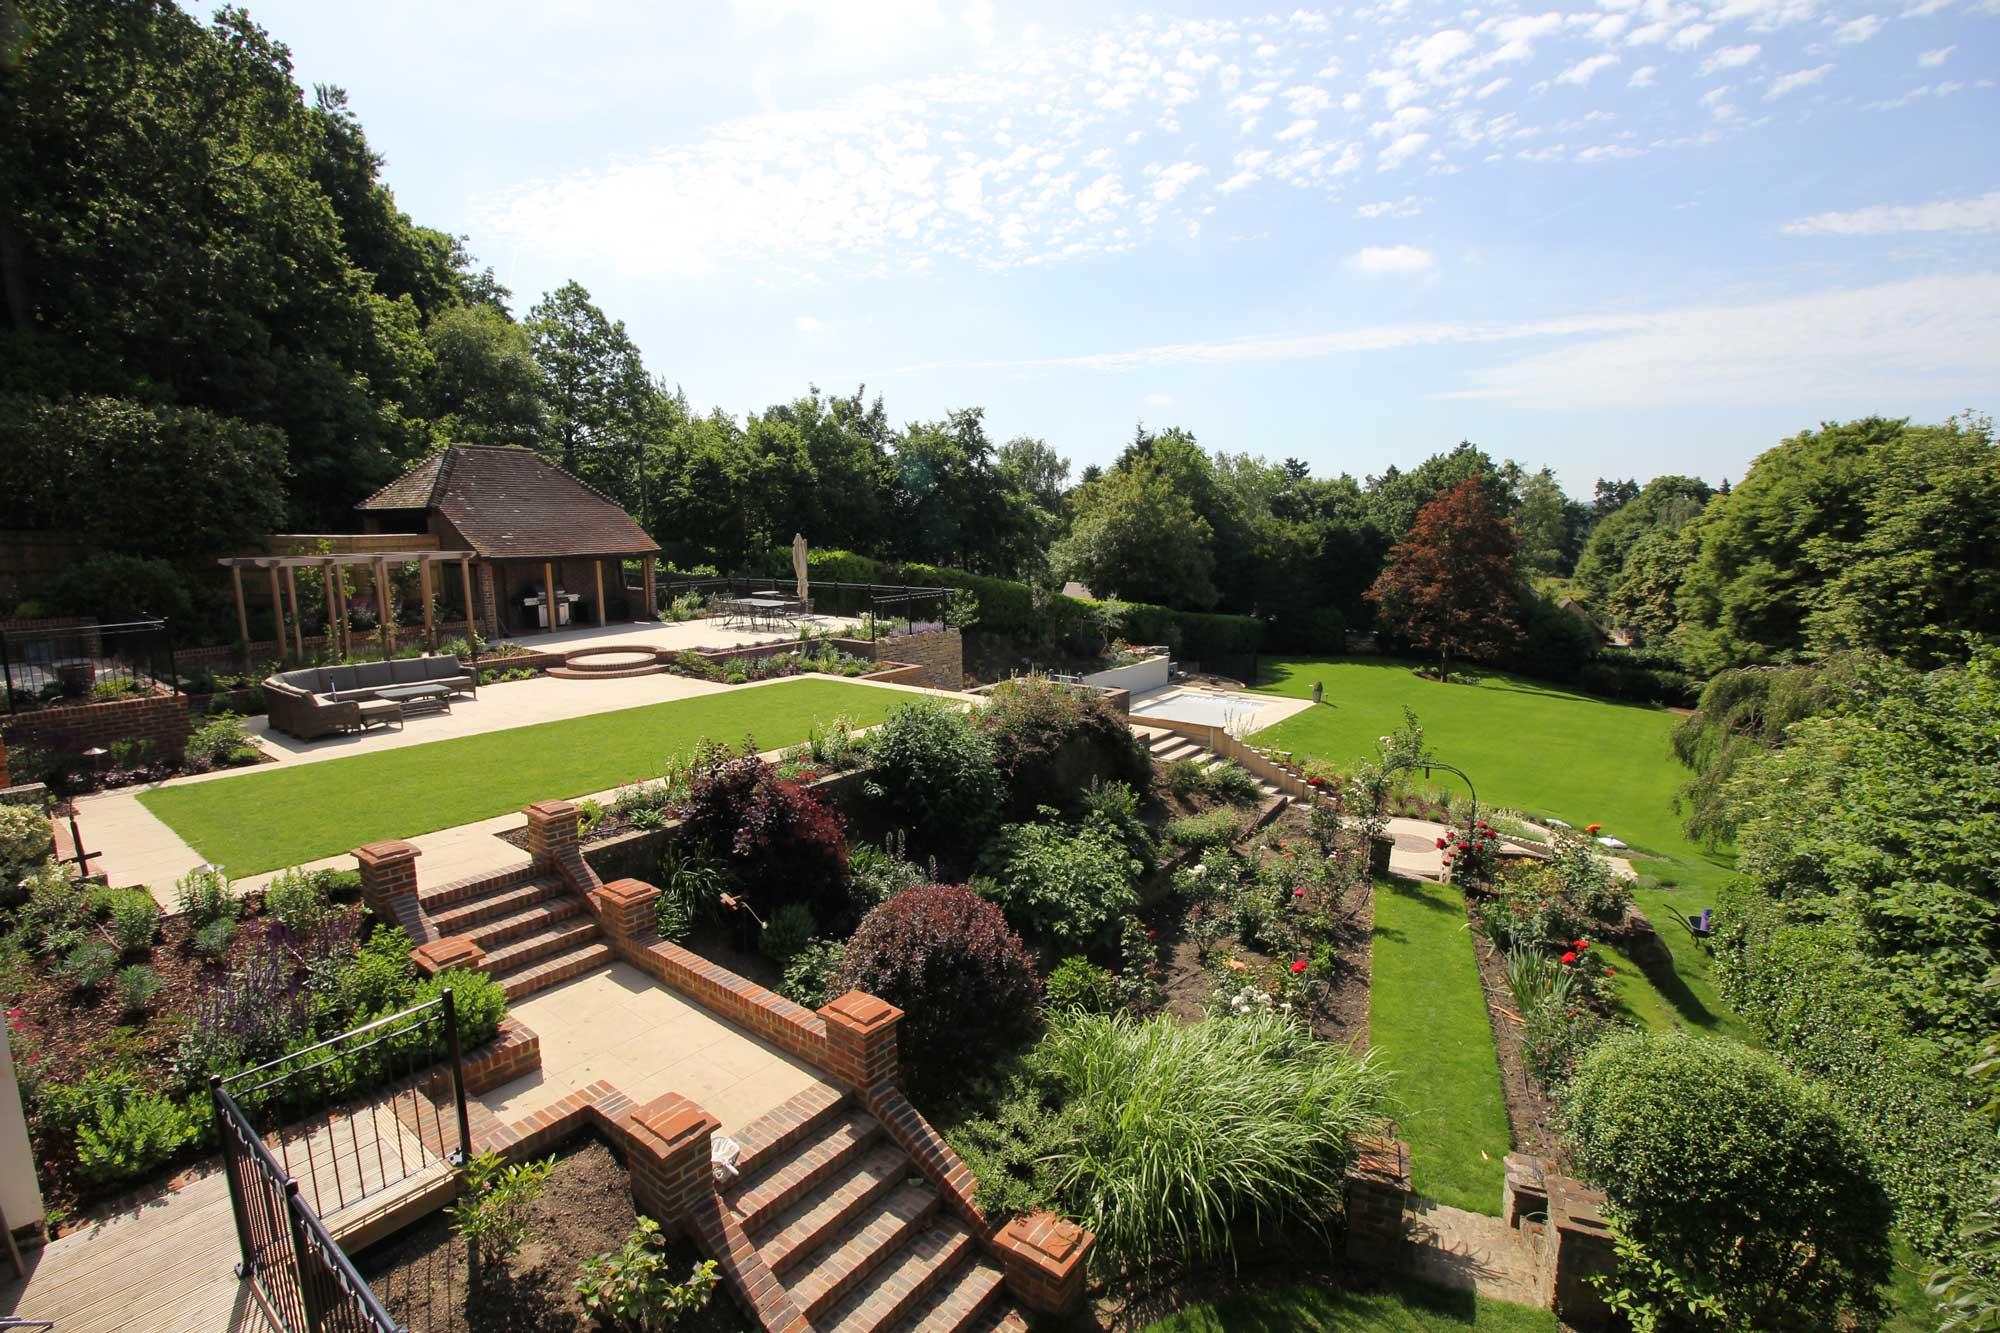 Garden Design Surrey | About Cherry Mills Garden Design